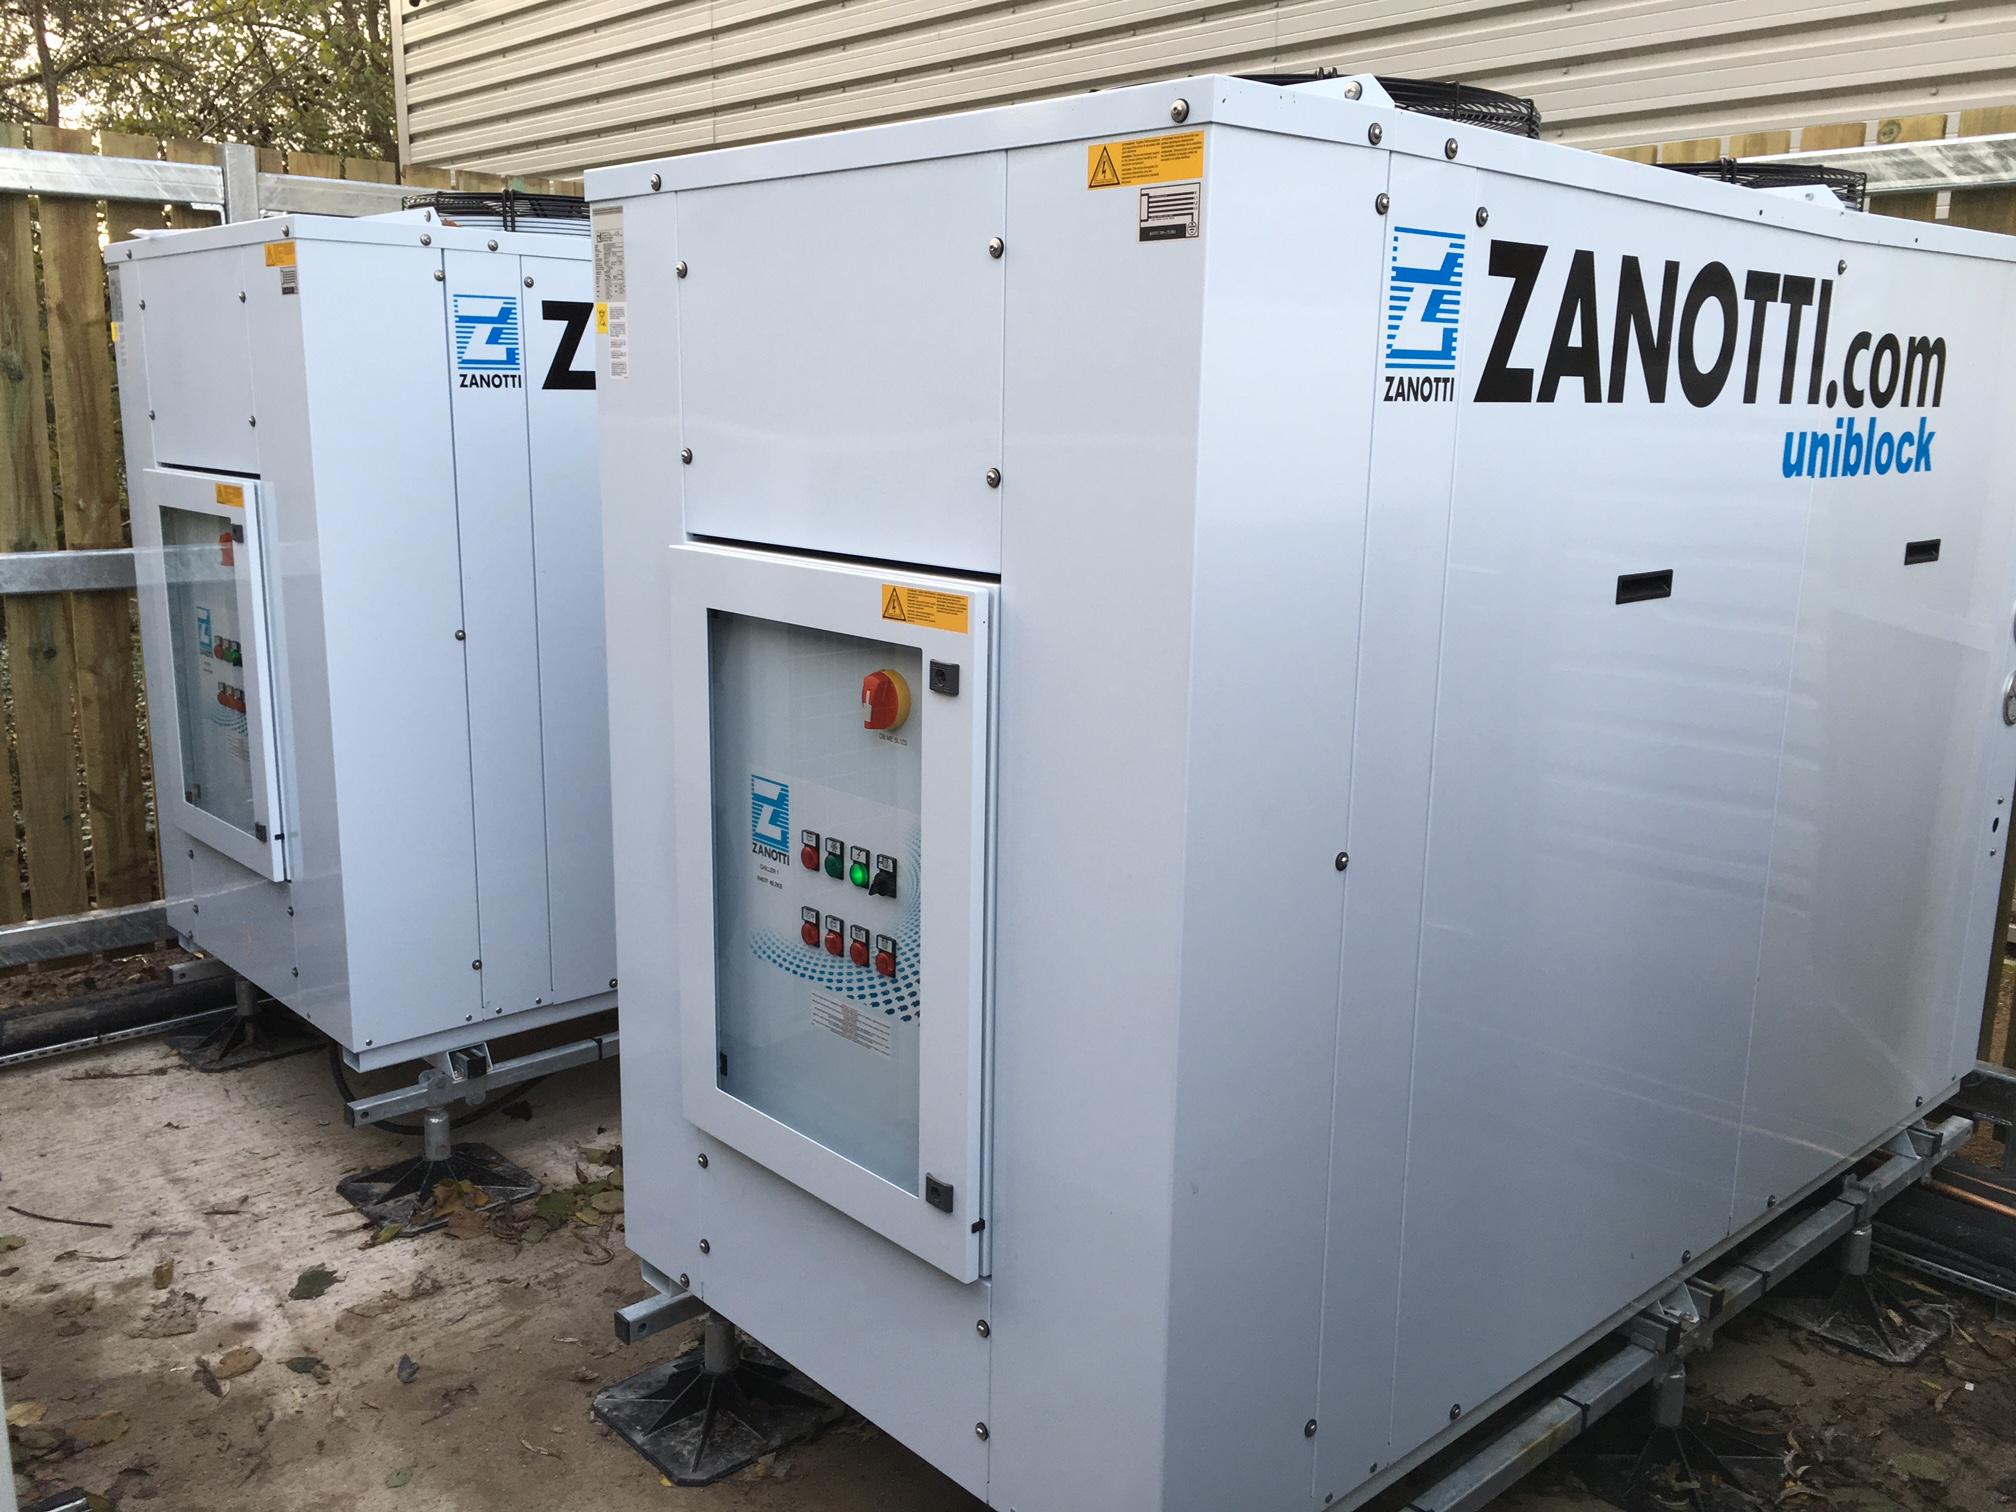 نسل جدید سردخانه ZANOTTI ایتالیا